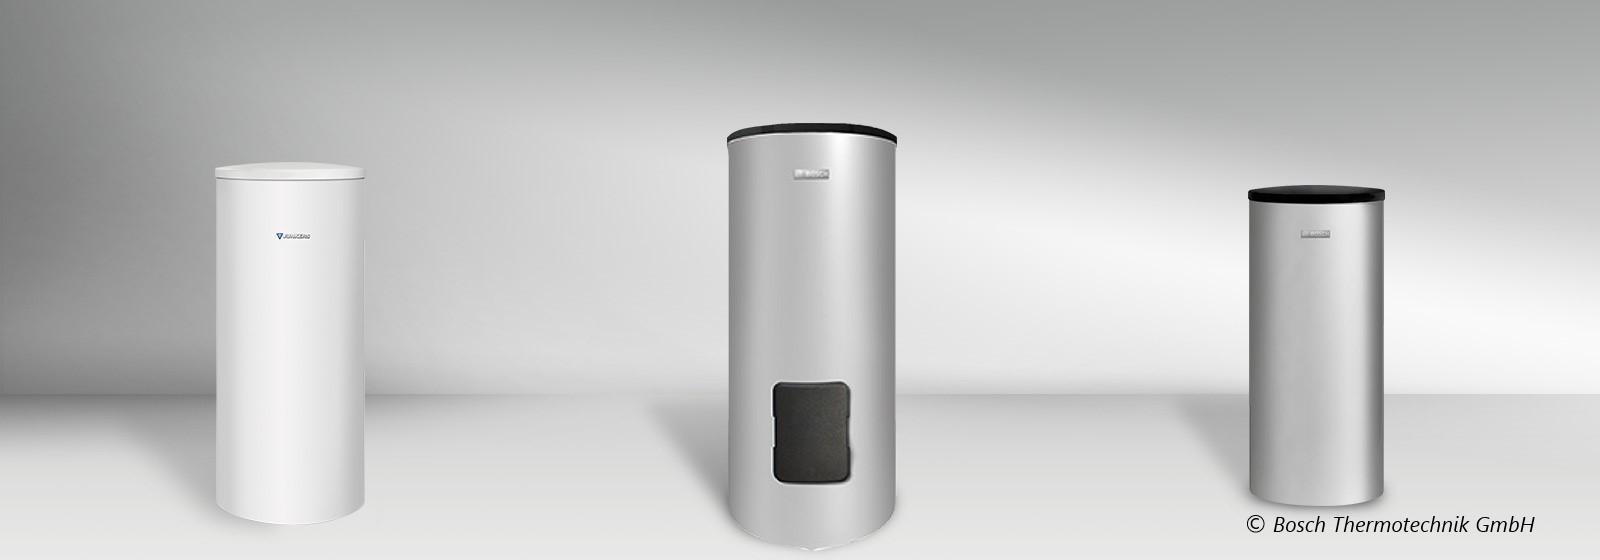 Bosch -1